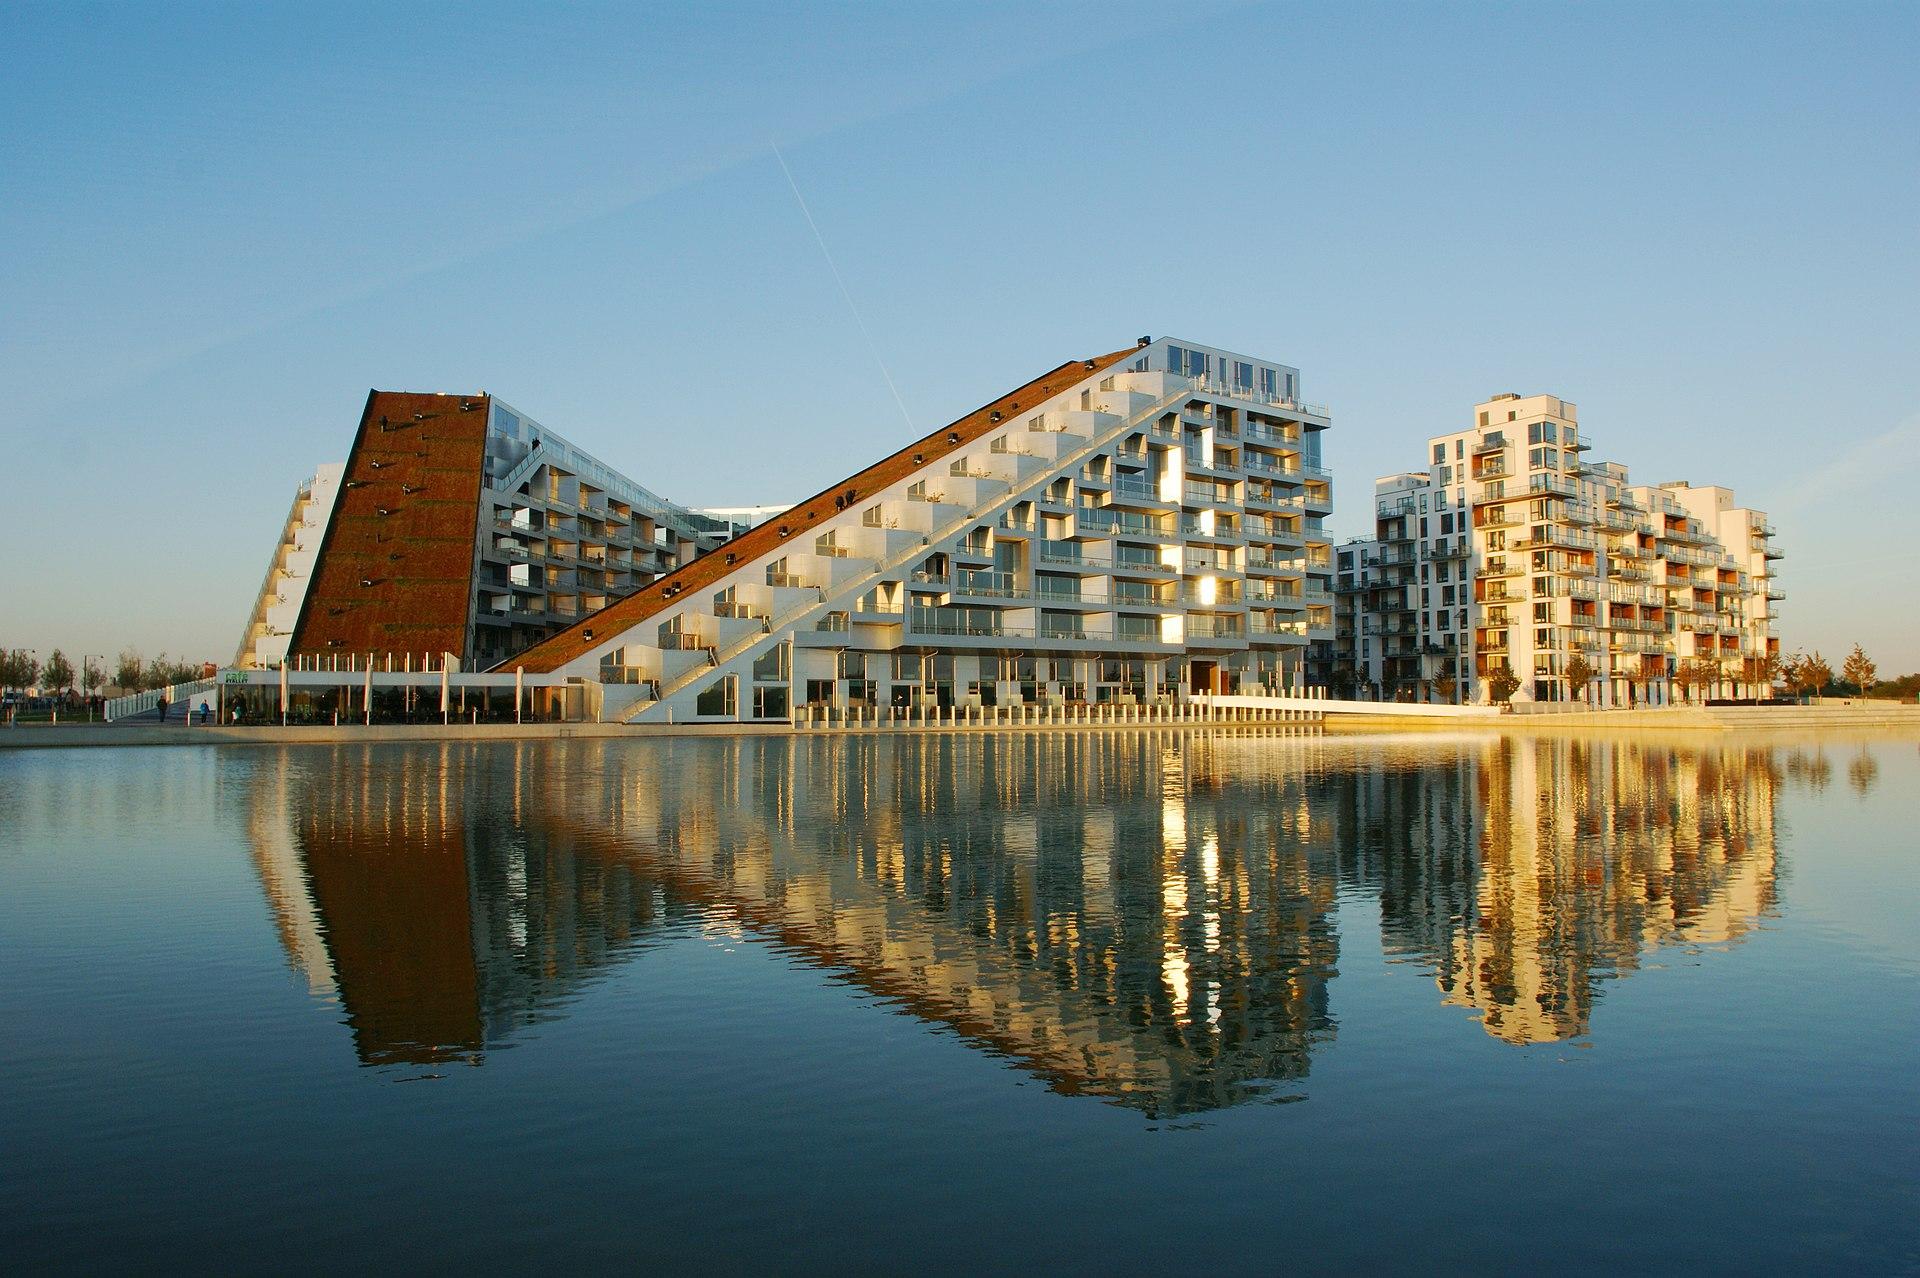 Arquitectos contemporáneos